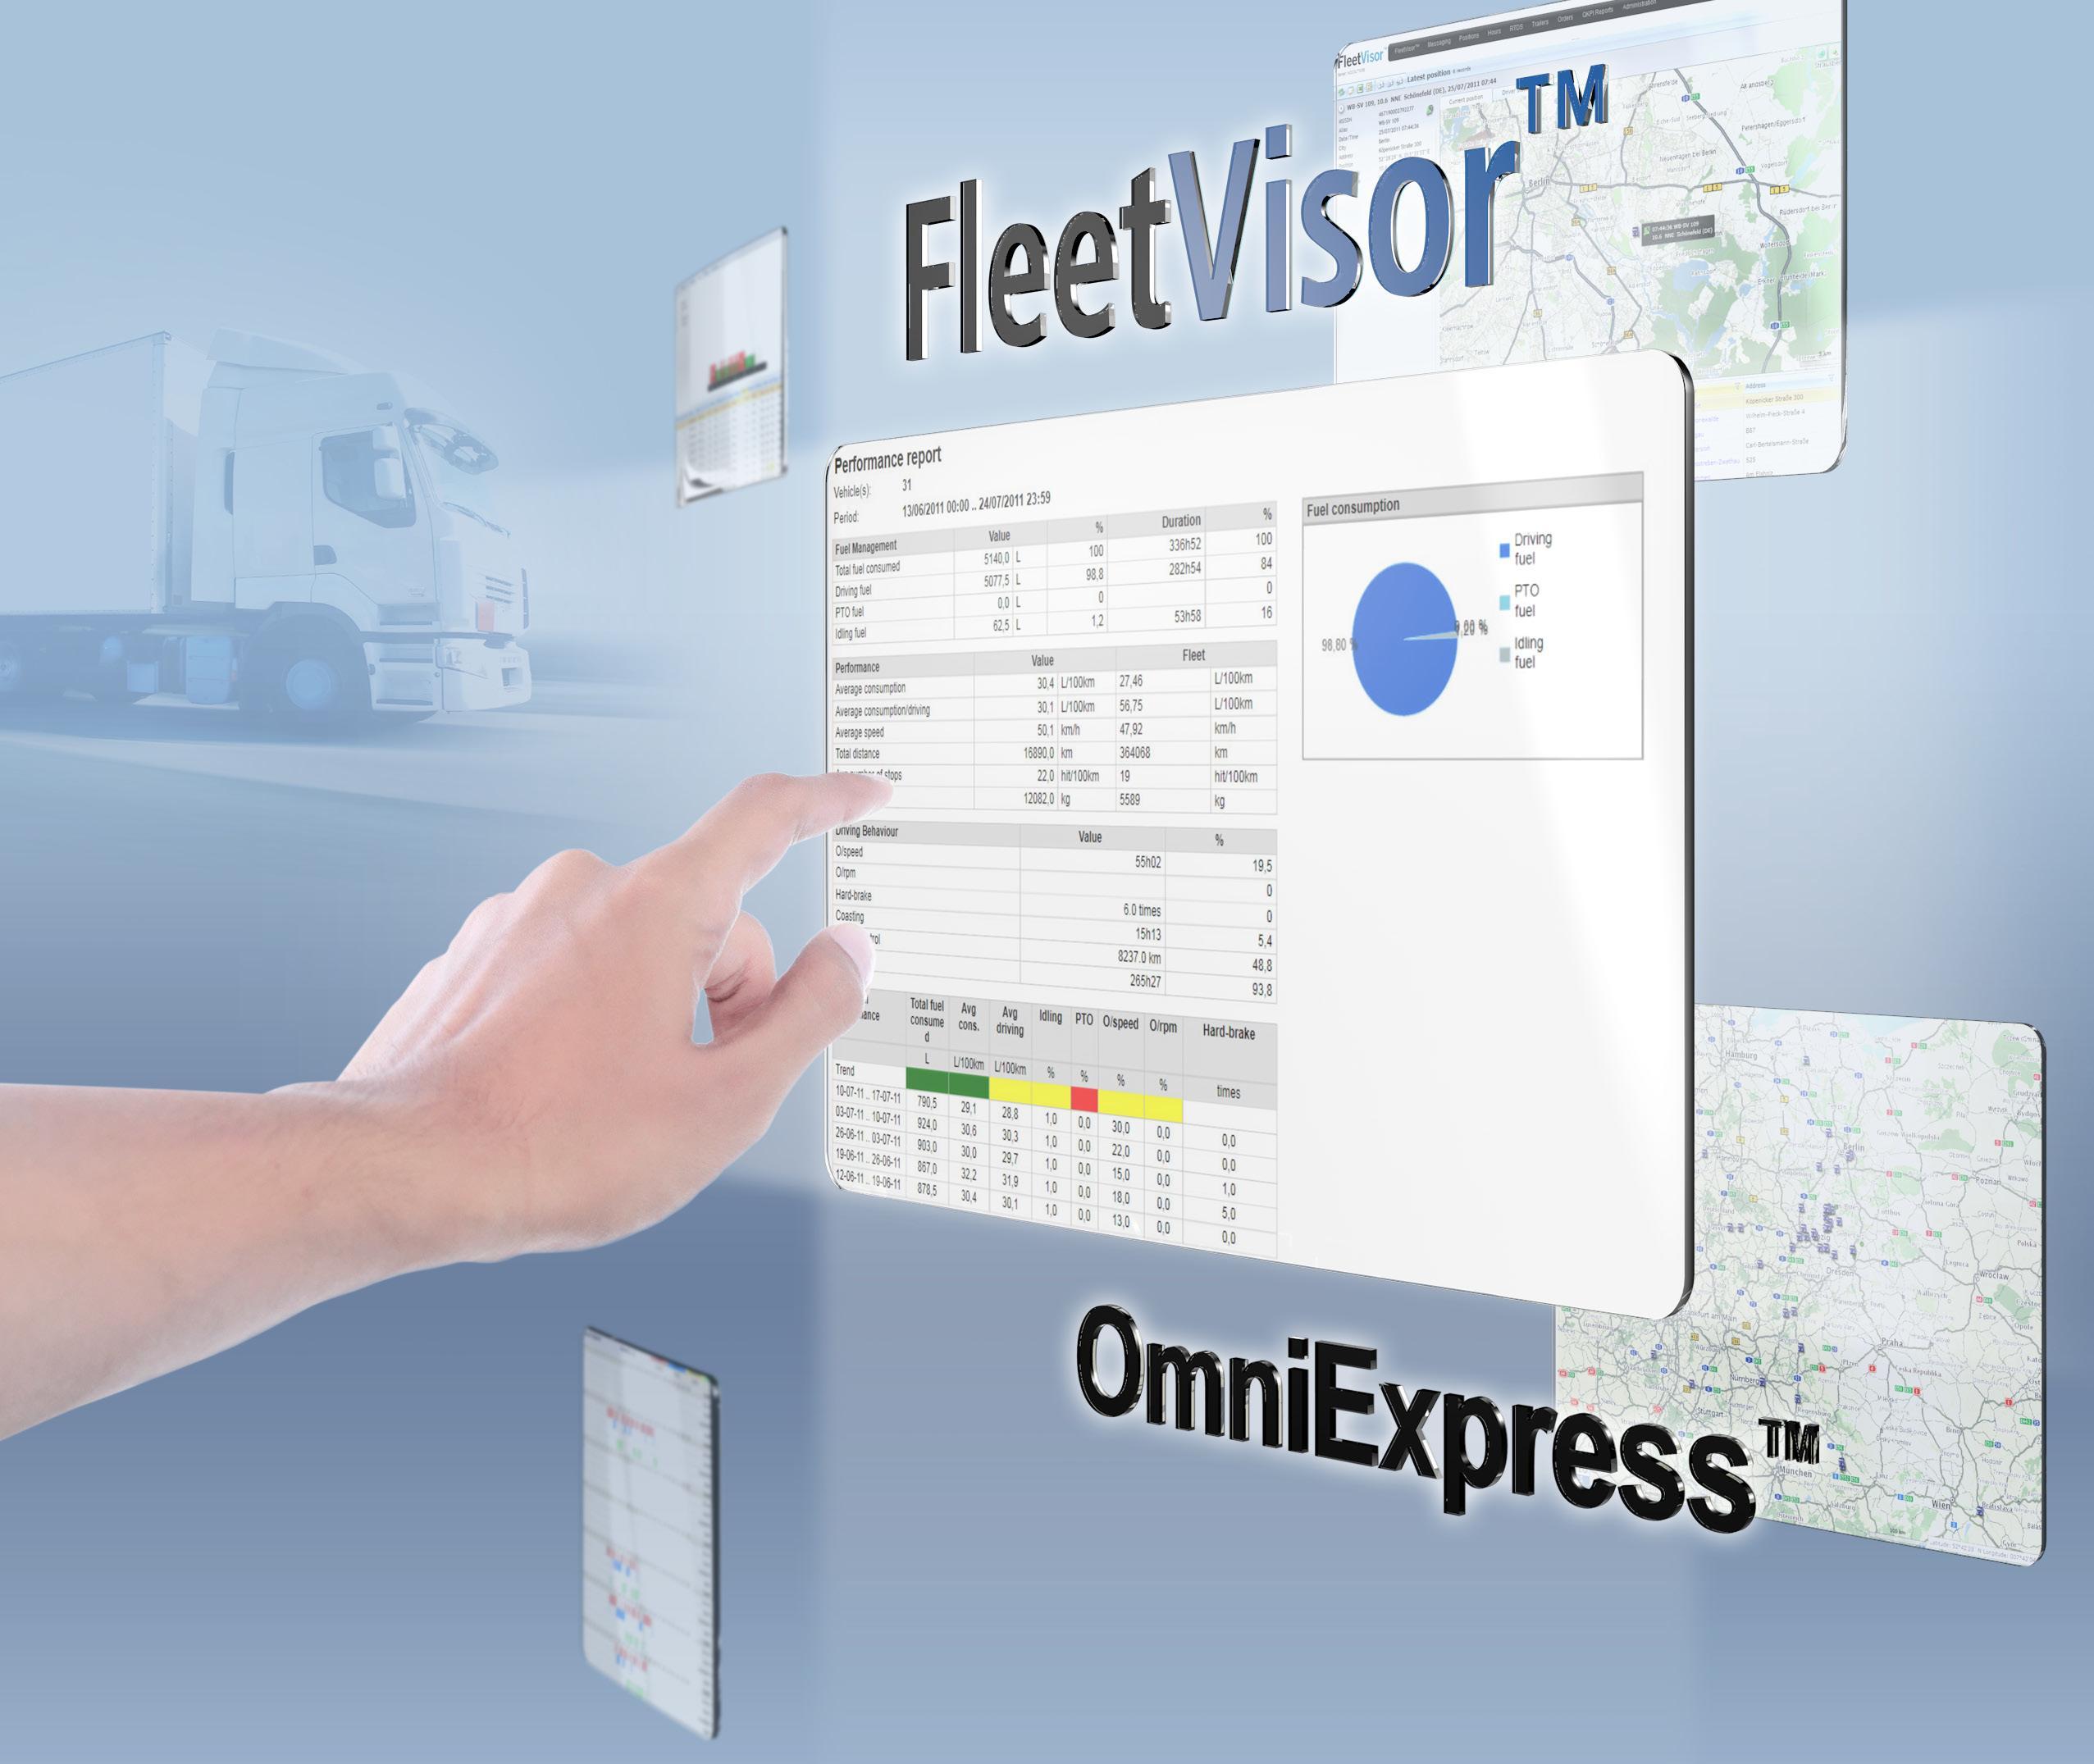 fleetvisor